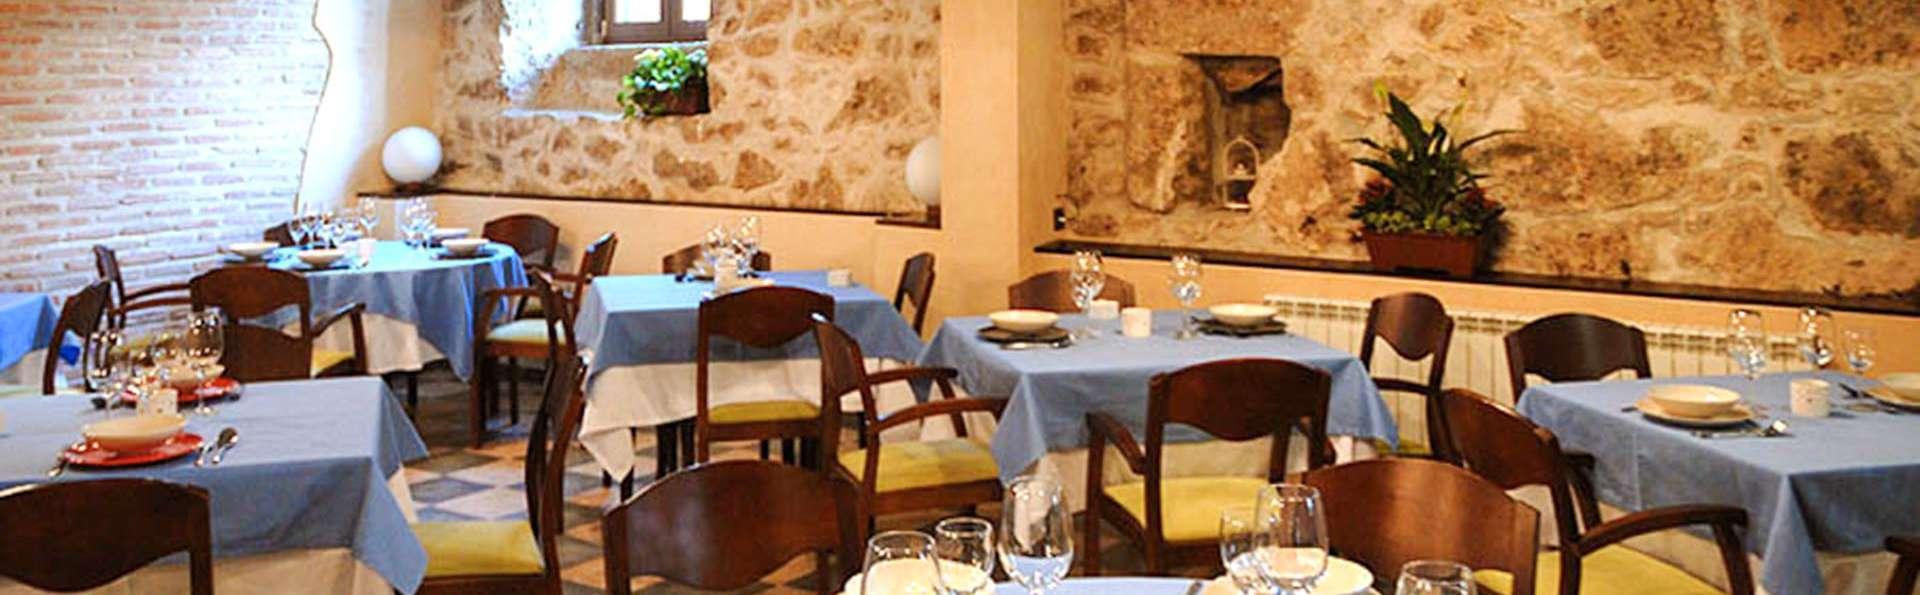 Escapada gastronomíca en Candelario, al lado de la Sierra de Gredos